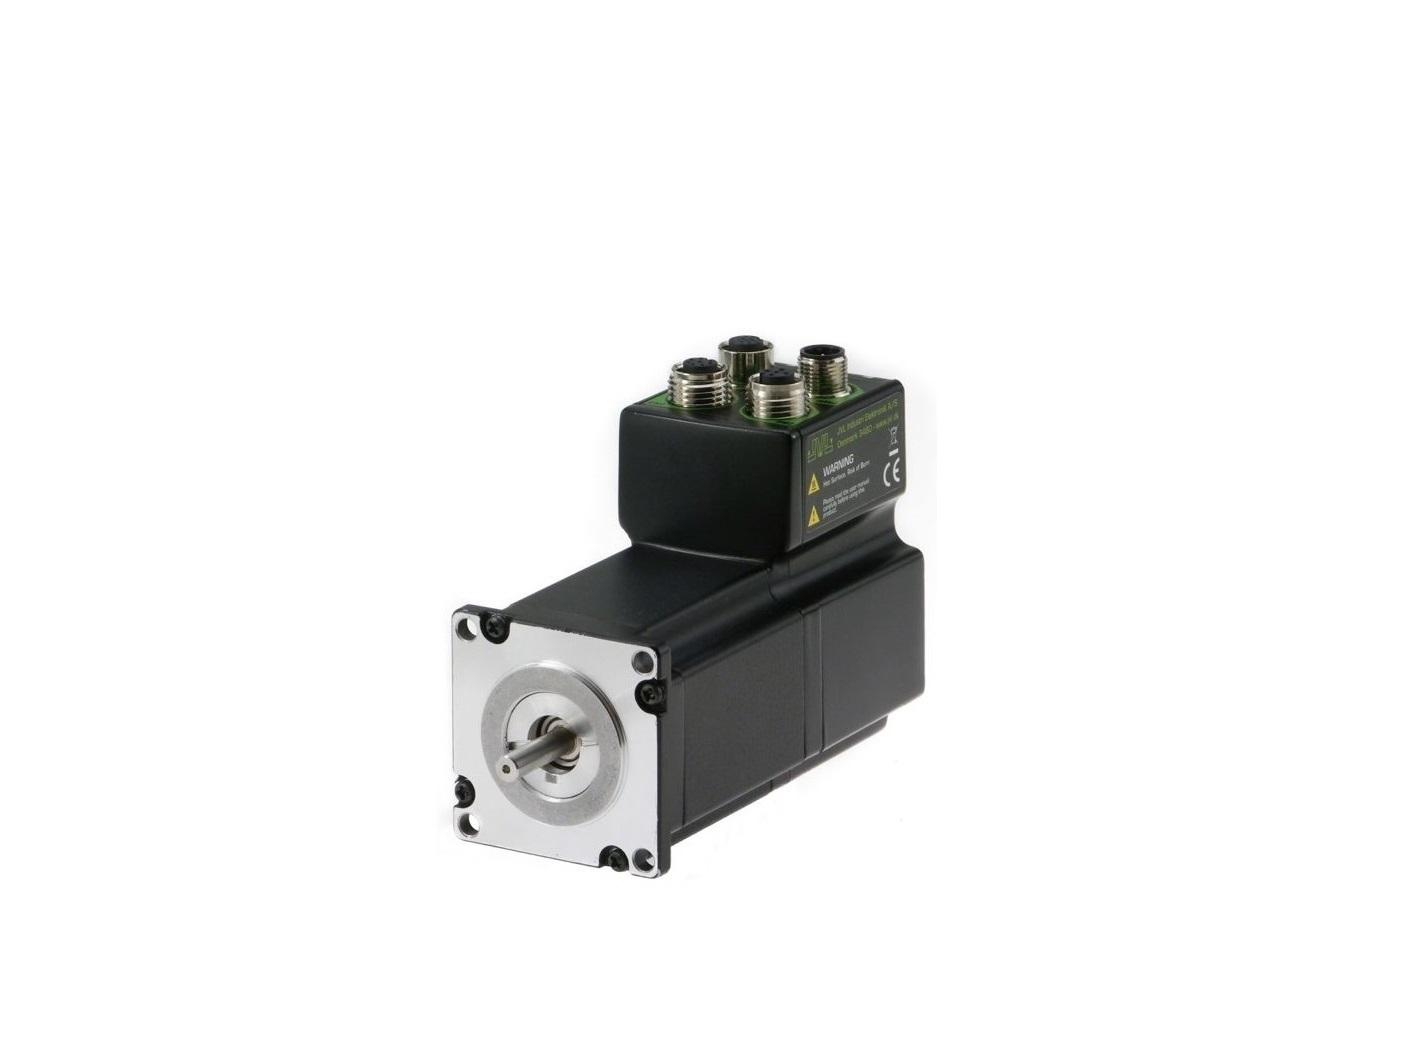 Cad 2d 3d pdf drawings for integrated stepper motors for Jvl integrated servo motor